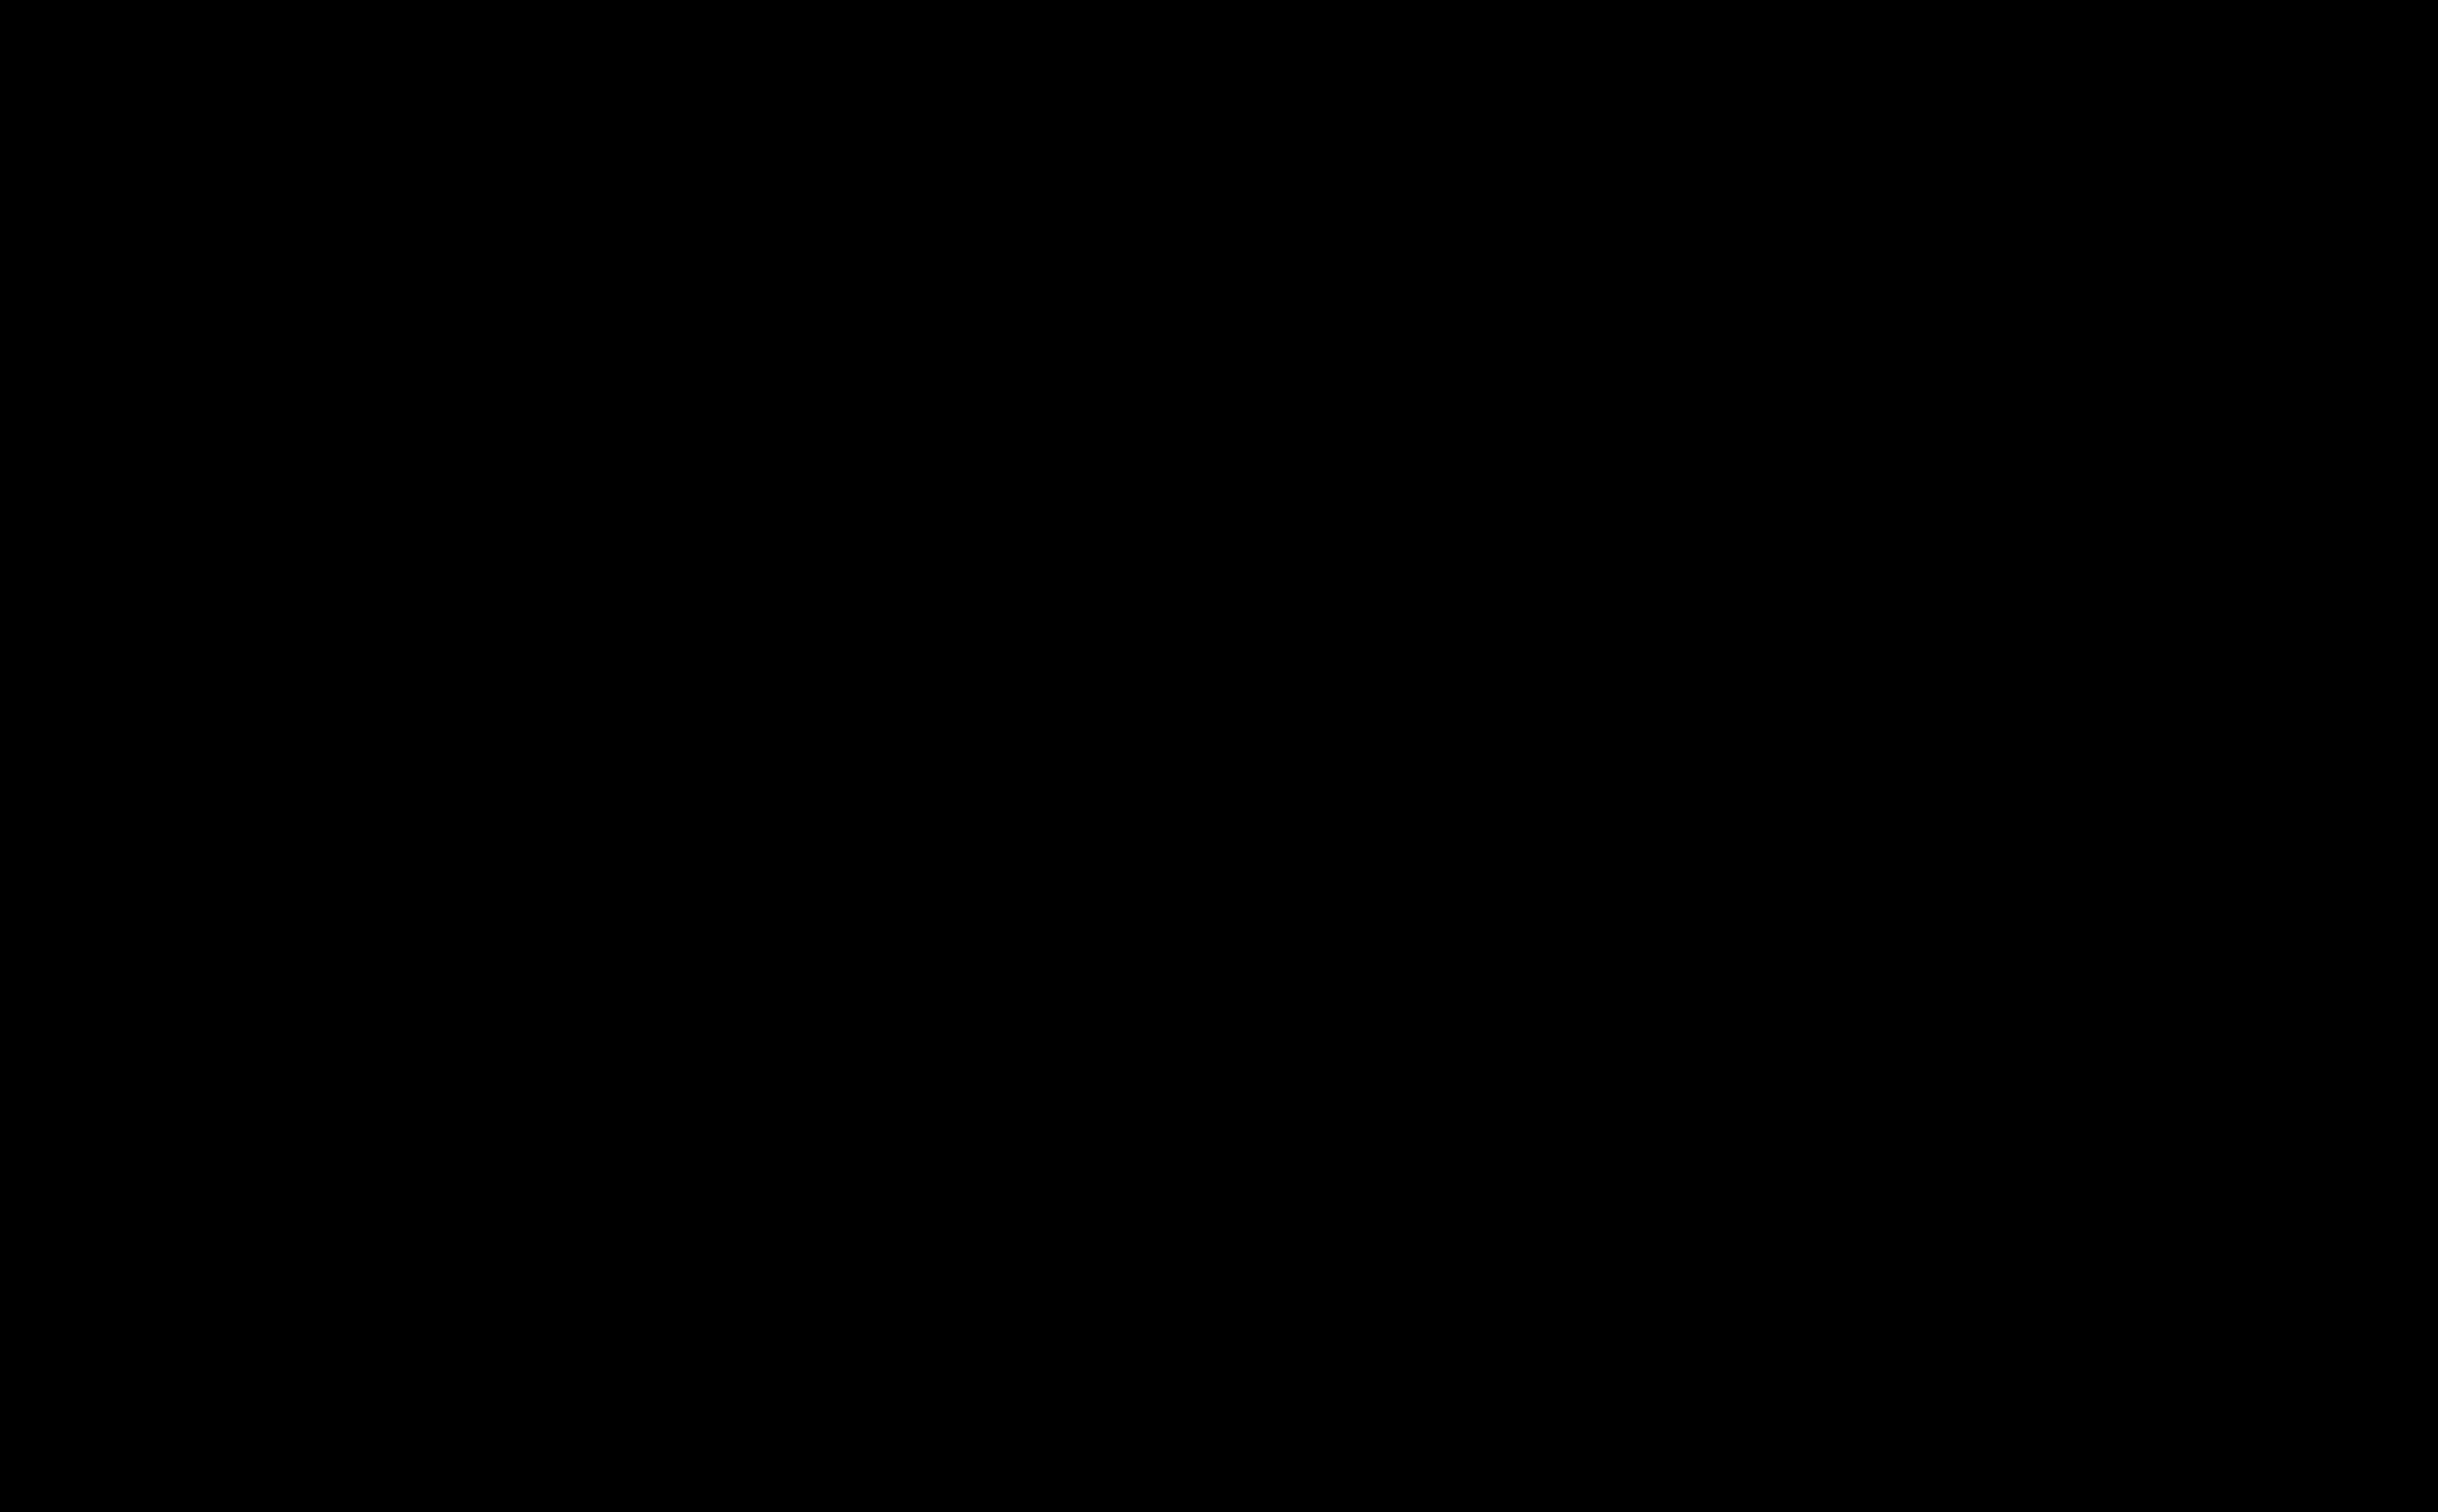 年輕化白酒包裝設計_品牌梨花白酒 - 藝點意創